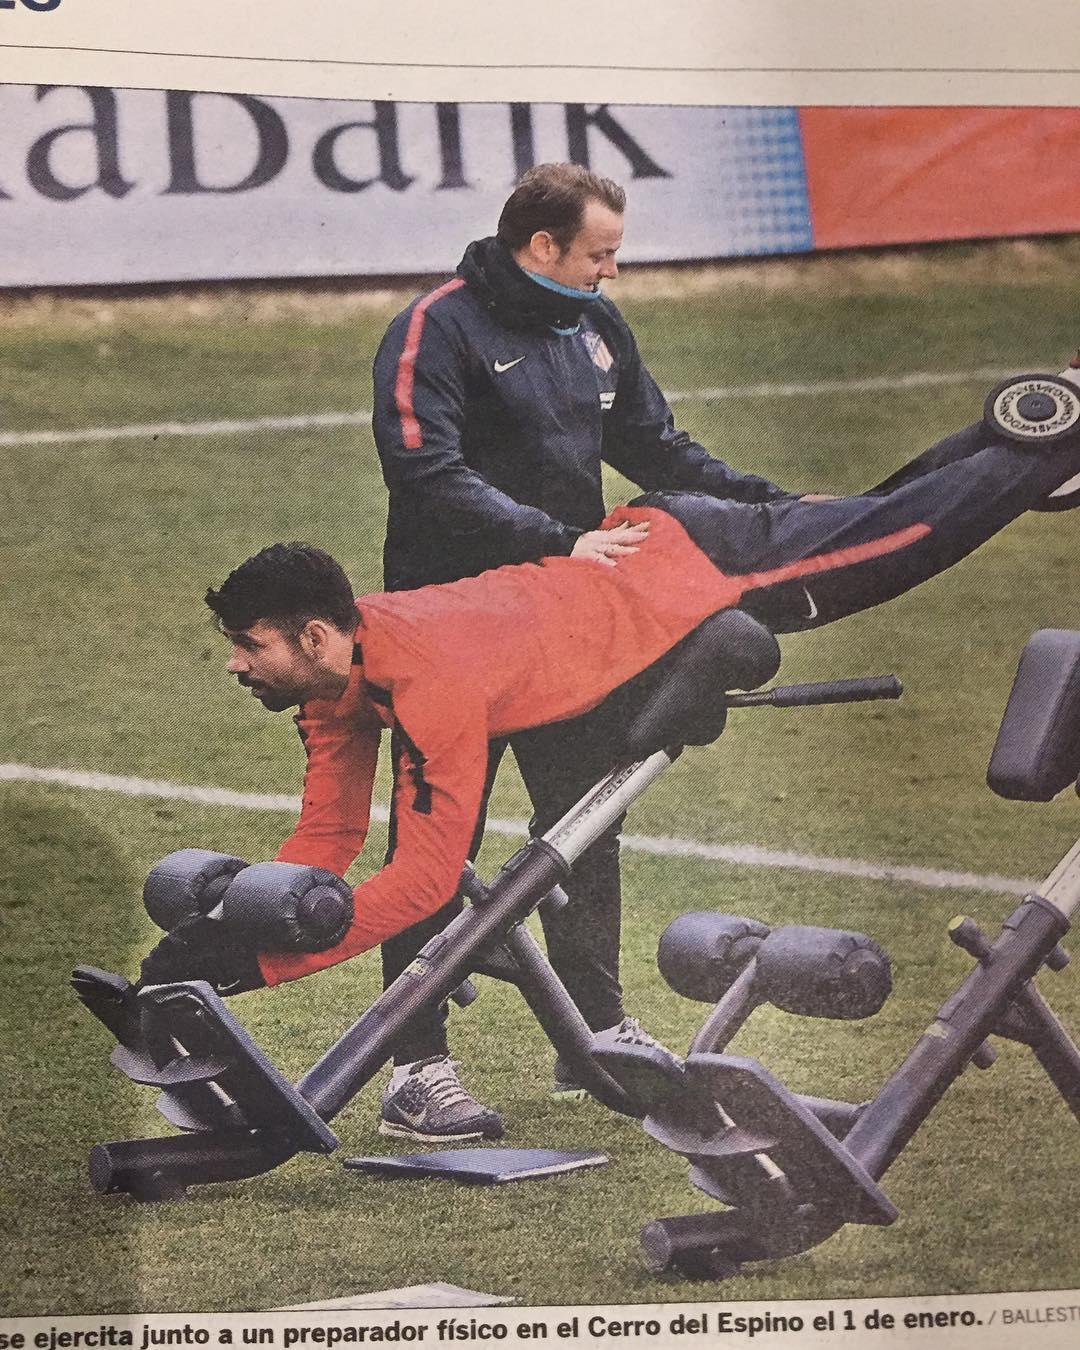 ดิเอโกคอสต้ากลับมาอยู่ในสโมสรซึ่งทำให้เขายิ่งใหญ่ Atletico Madrid เขามีผึ้ง …